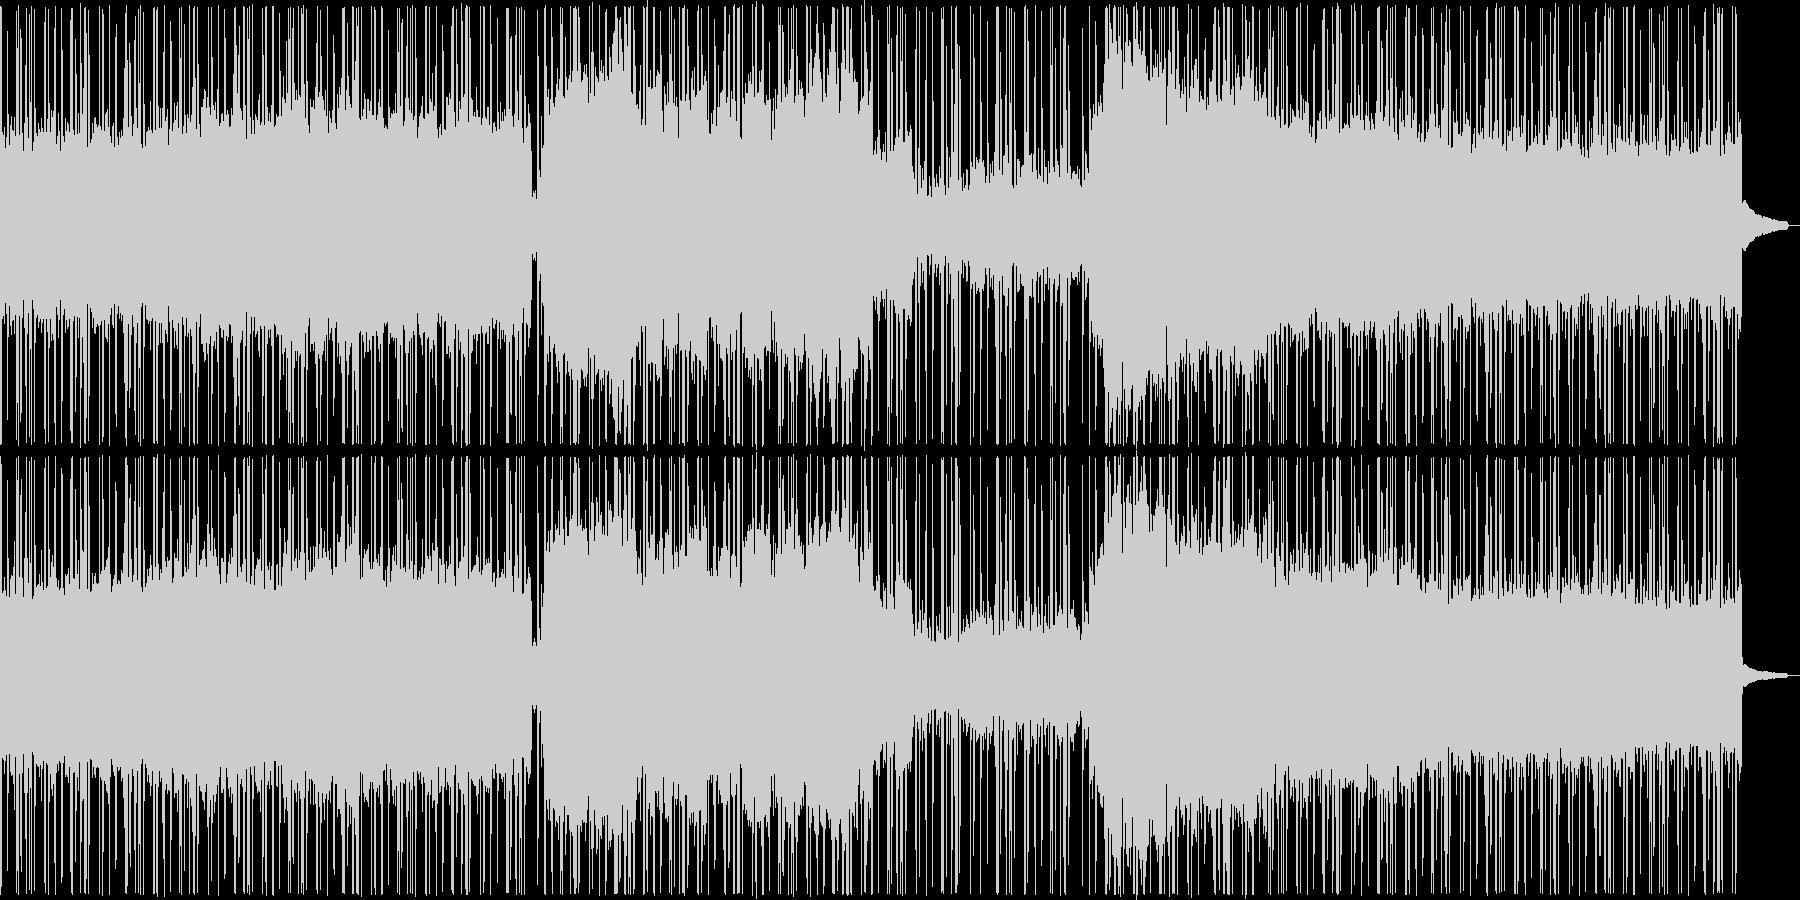 クールな和風ヒップホップの未再生の波形